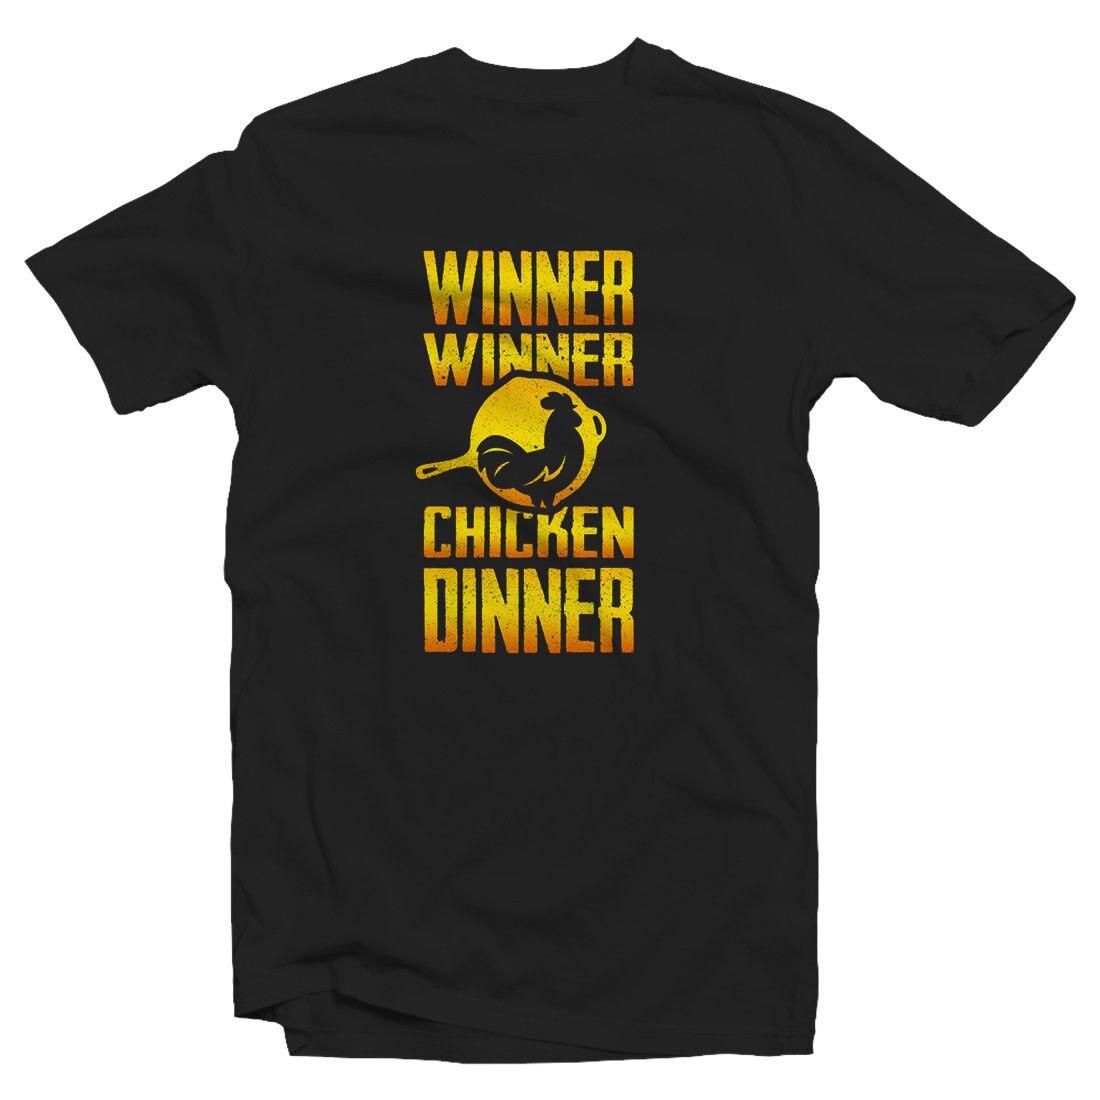 Winner Winner Chicken Dinner Tshirt PAN - PUBG Player Unknown